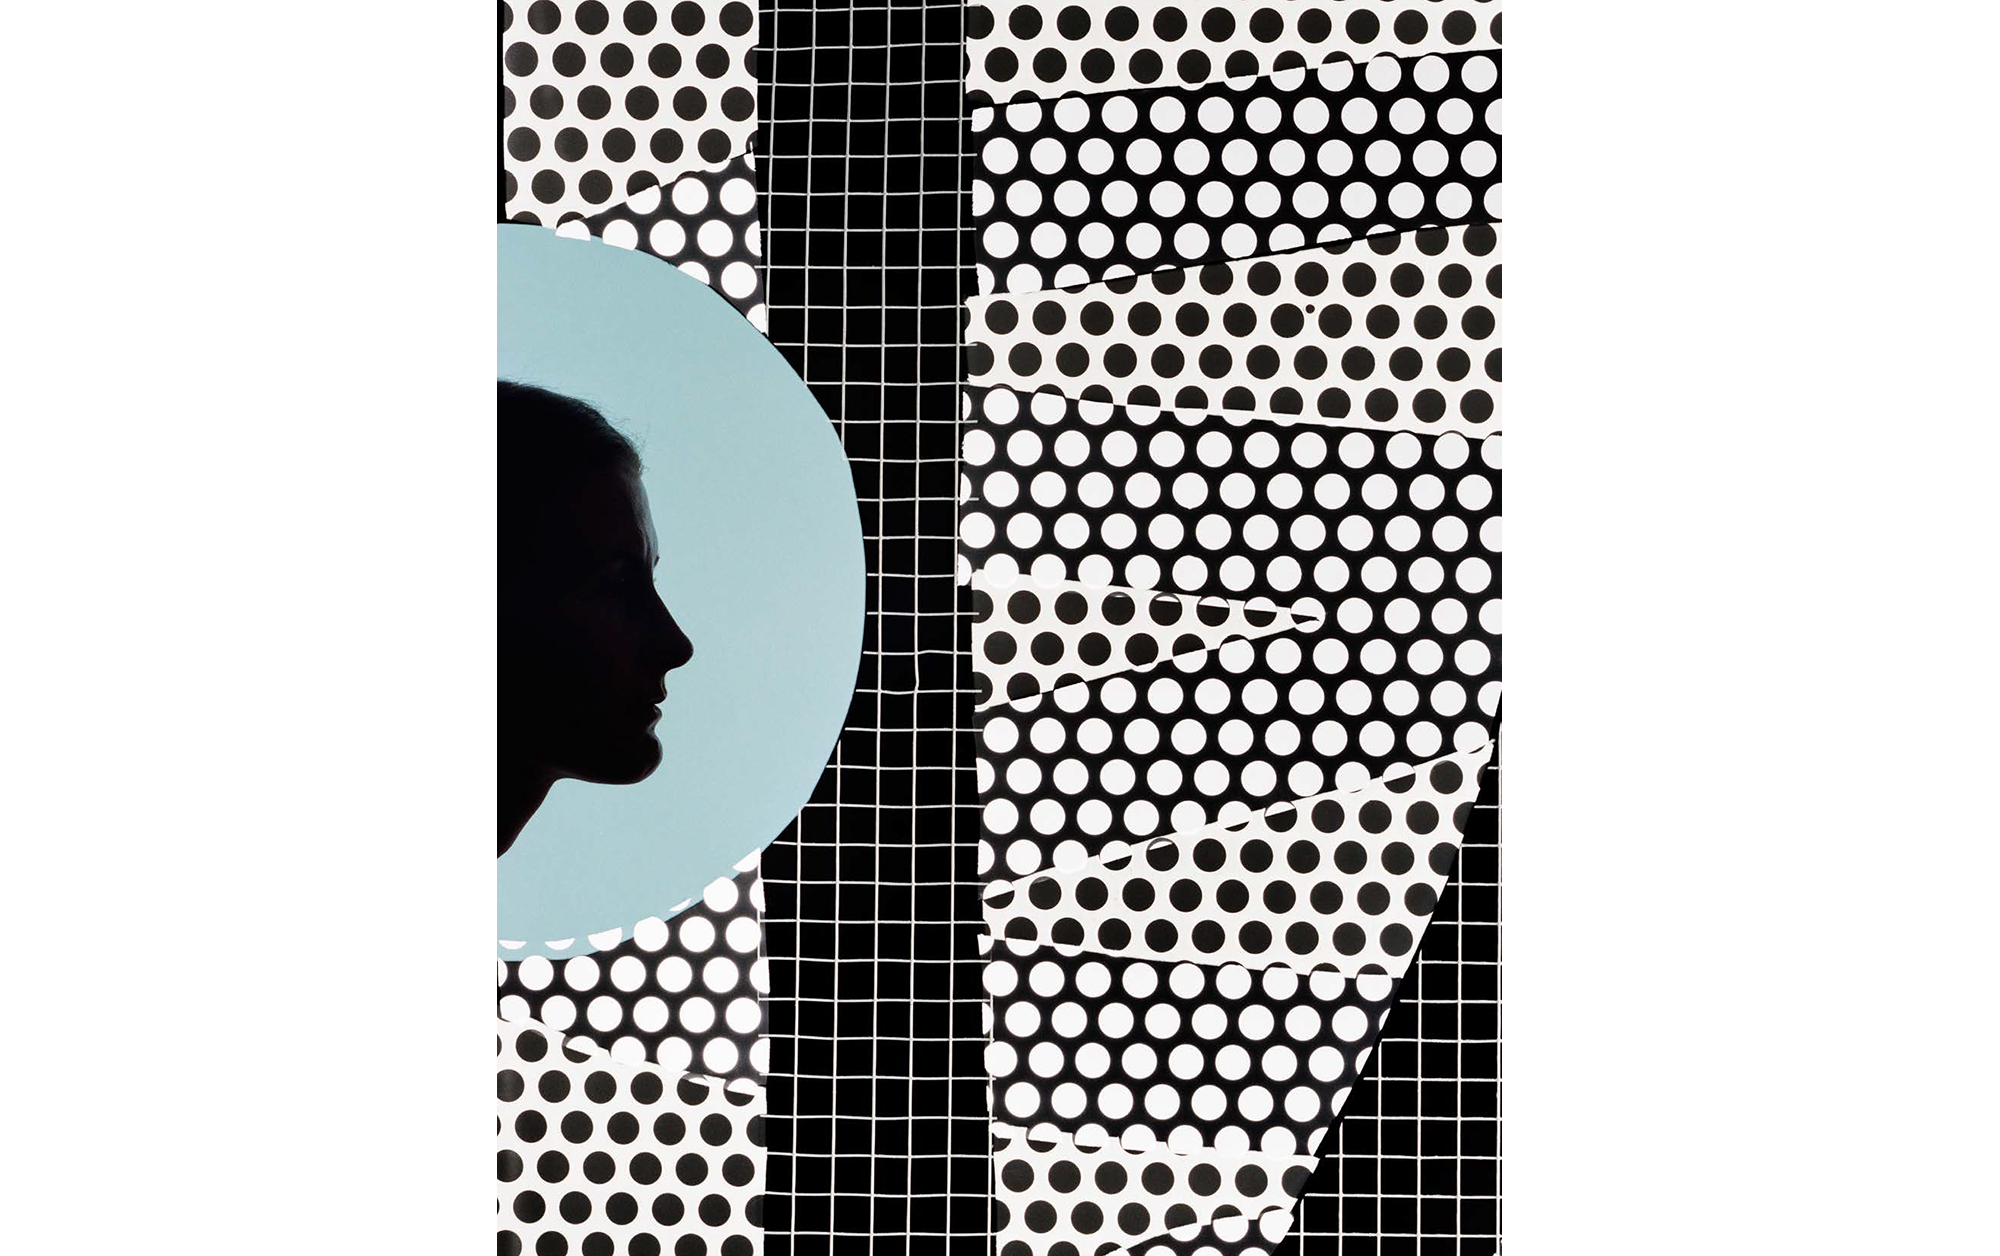 ハナ・ウィタカー「現代の写真のあり方を探求する、抽象的でグラフィカルなイメージ」 | Blue Bubble, 2018